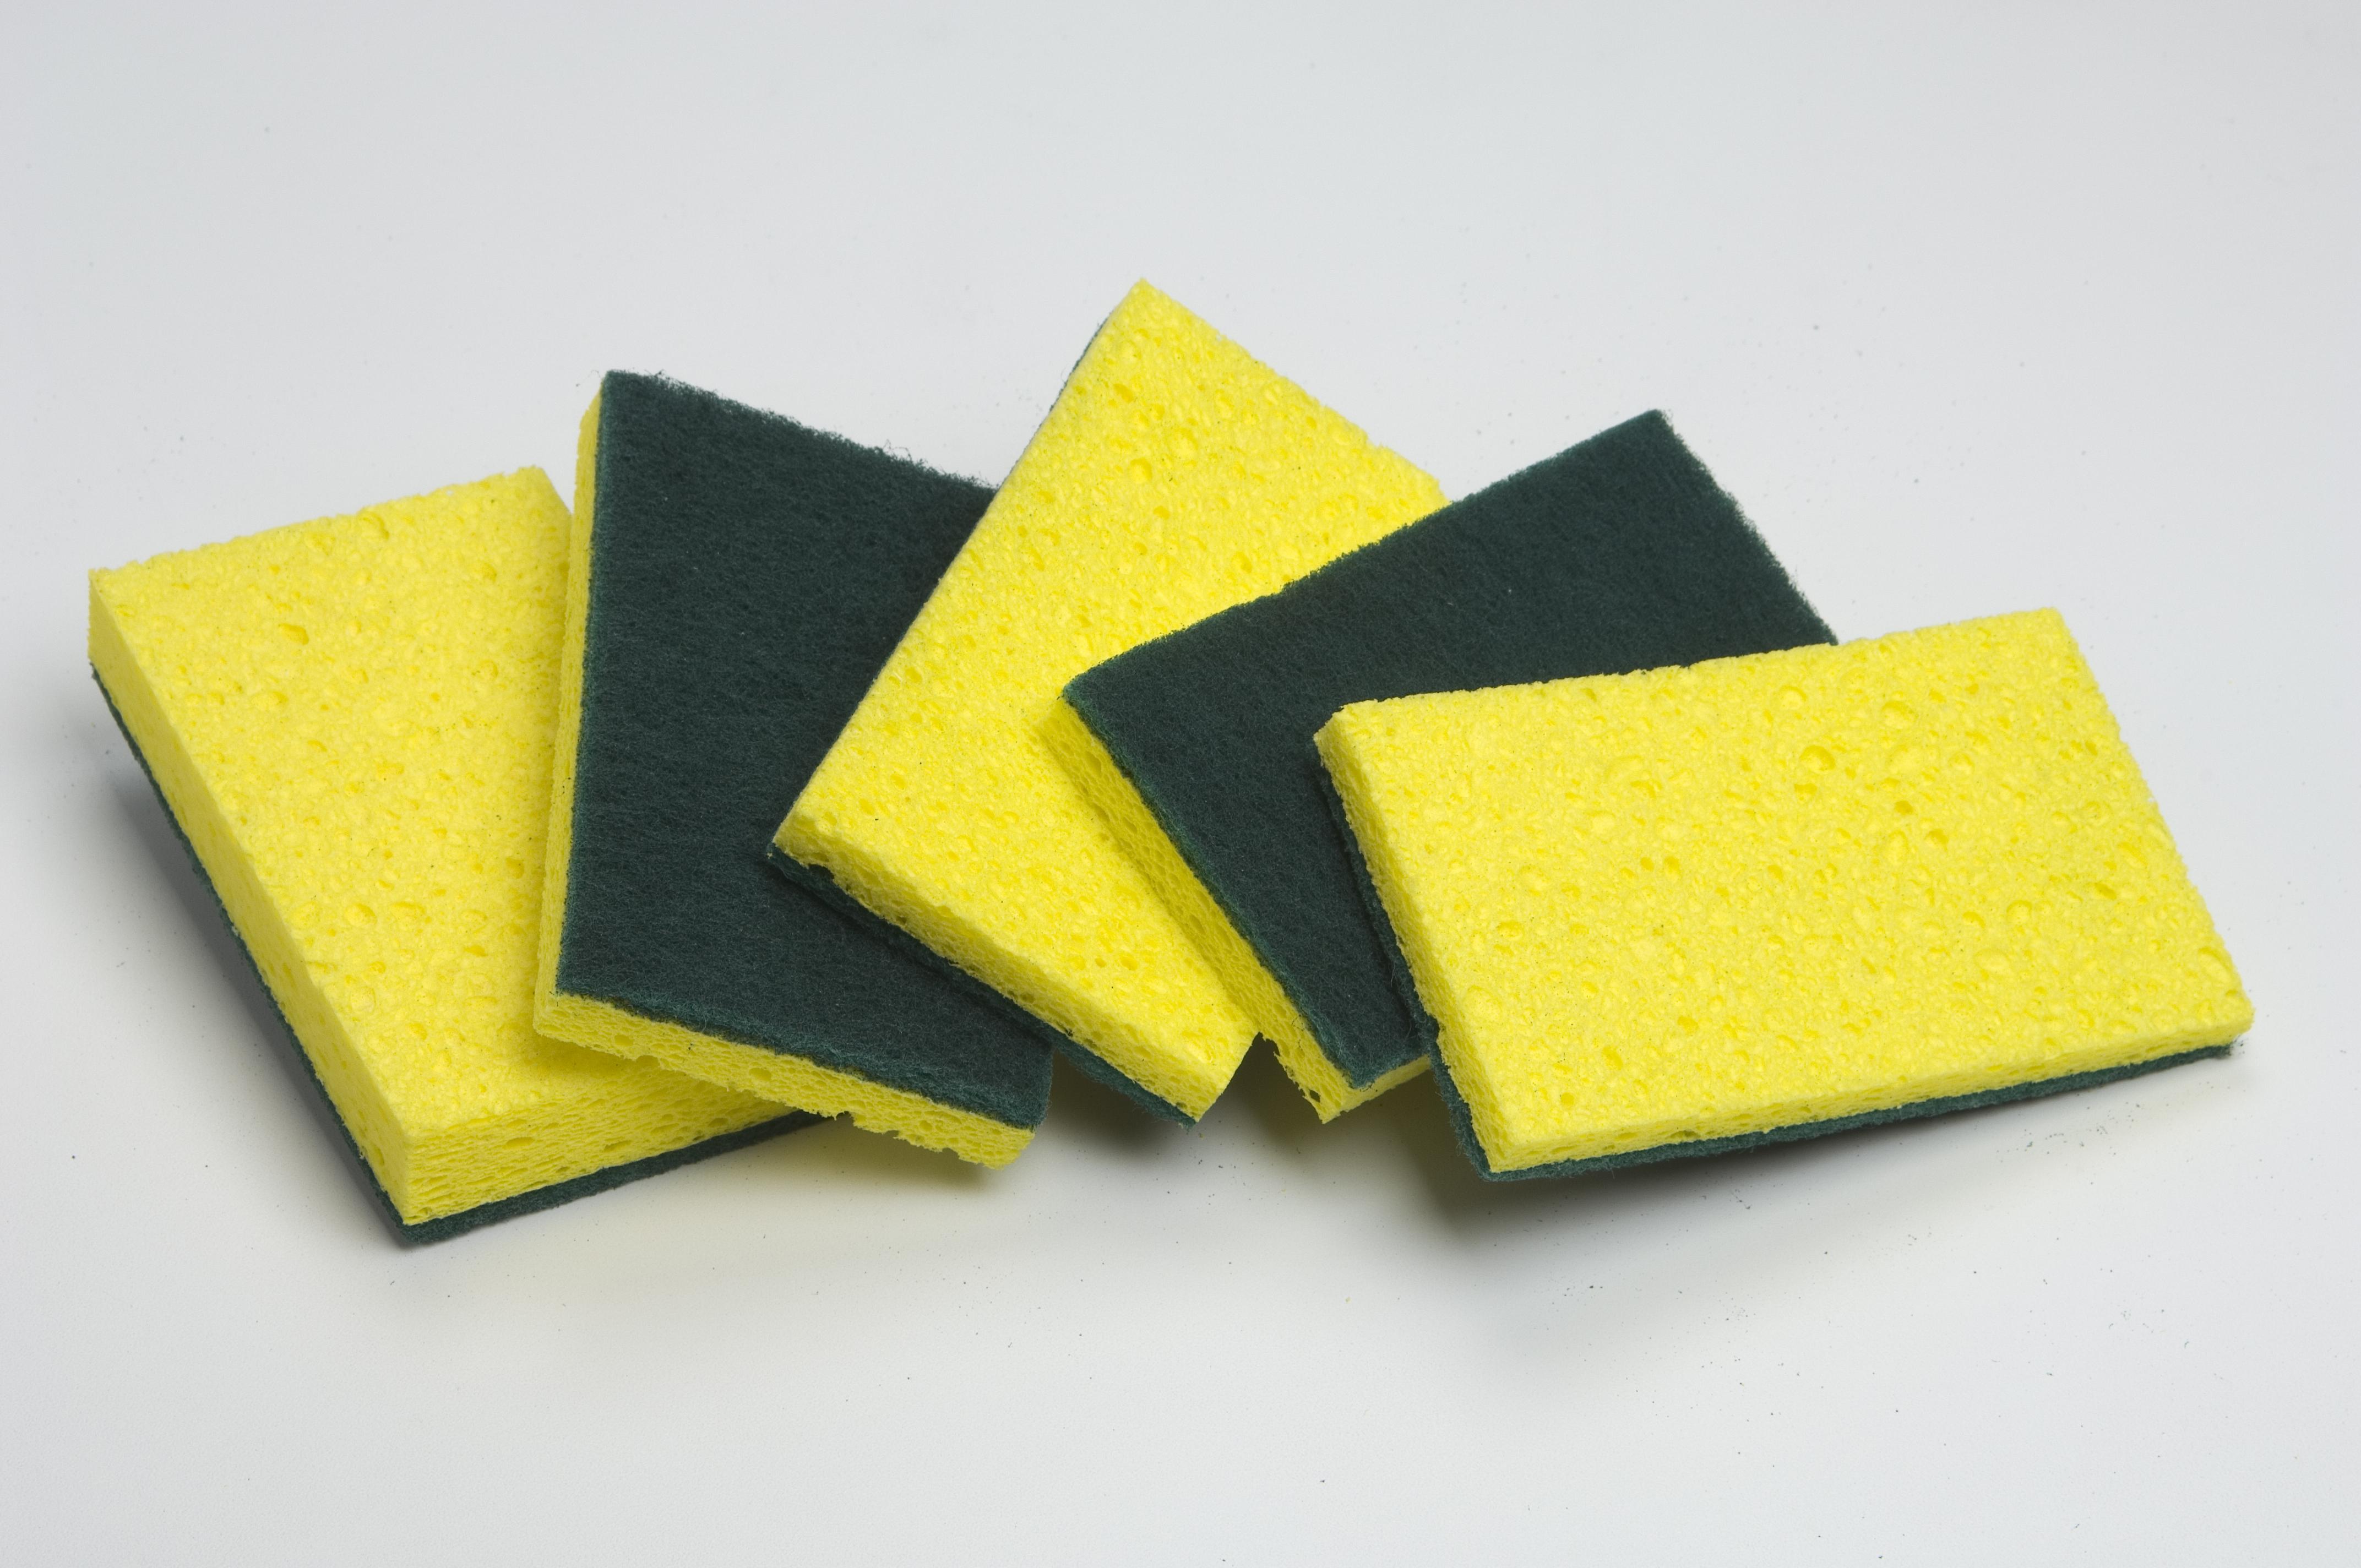 Scotch Brite Pads | Carpet Cleaning Equipment, Machines ...